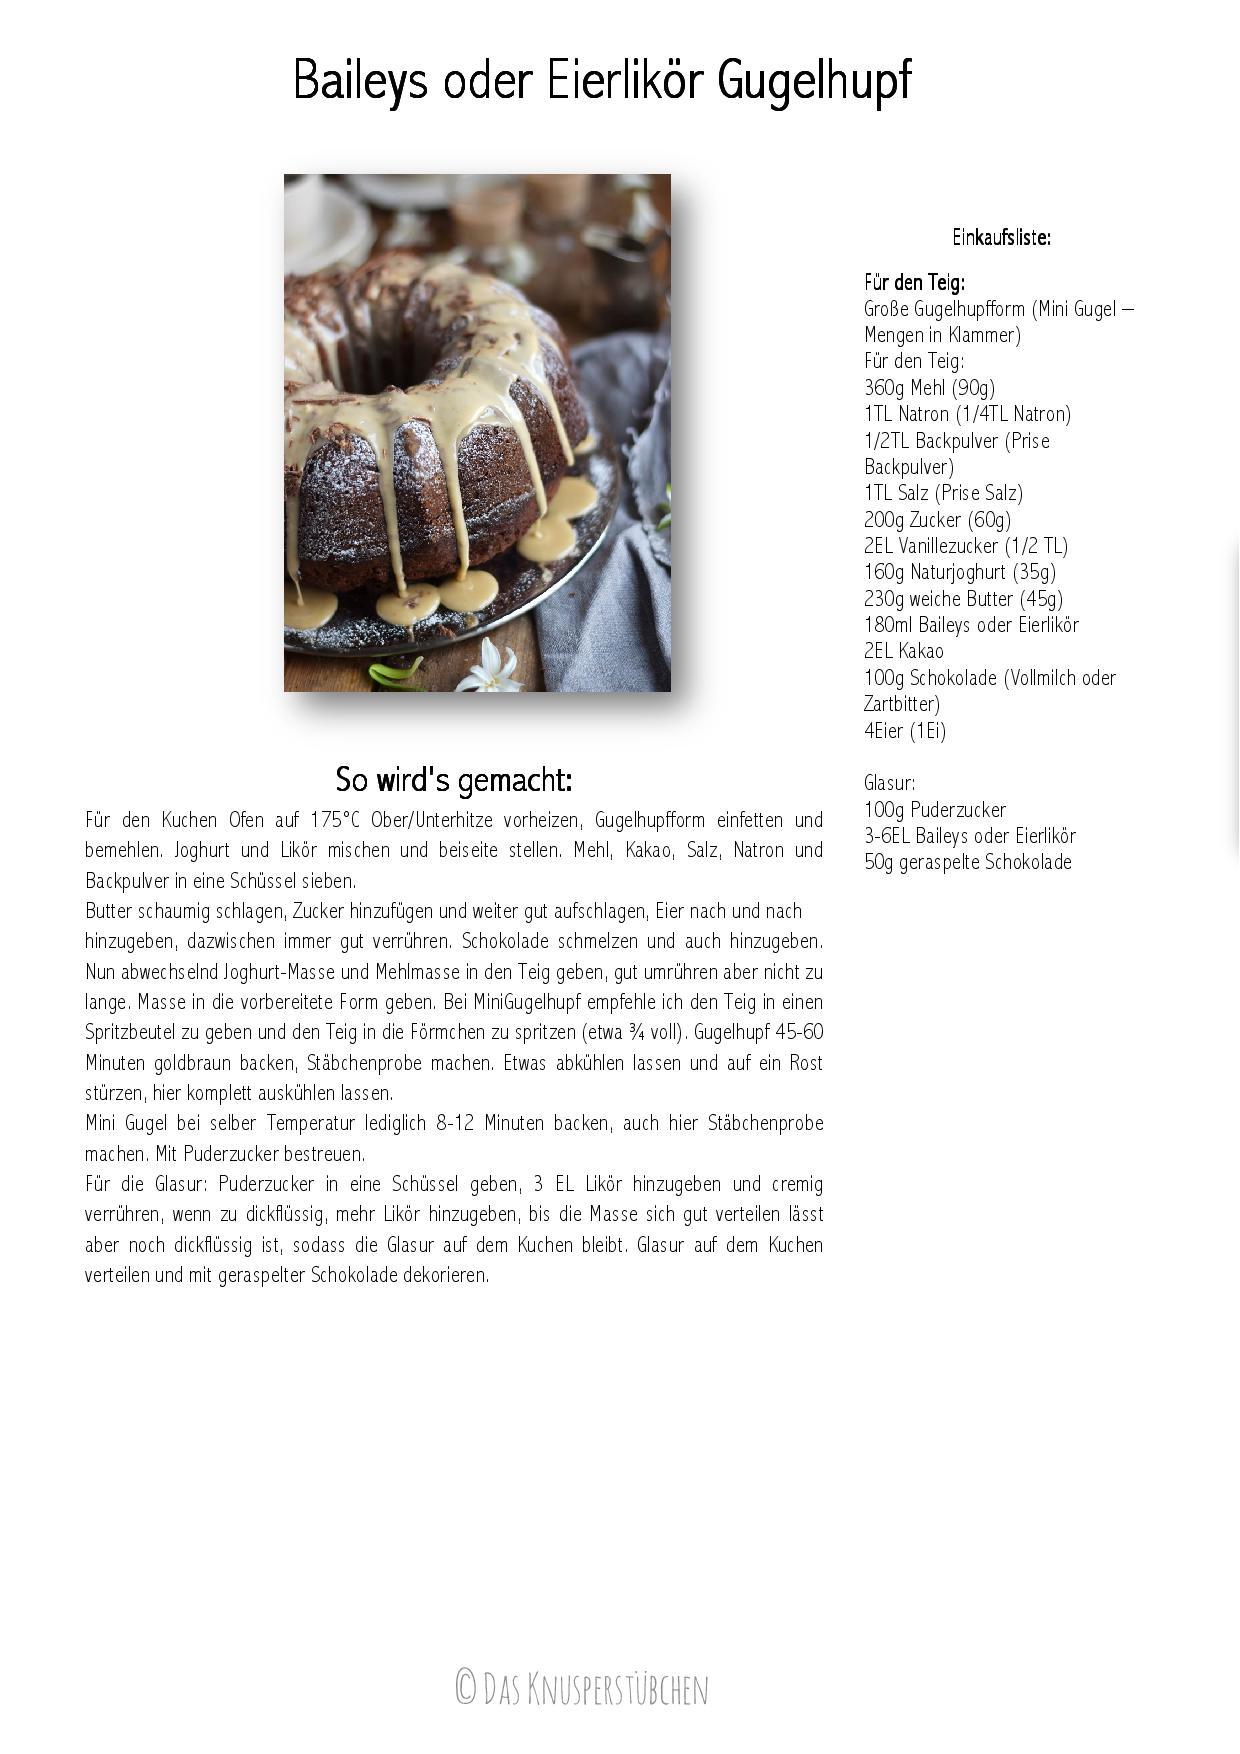 Baileys Schoko oder Eierlikör Schoko Gugelhupf Kuchen - Baileys Chocolate Bundt Cake-001